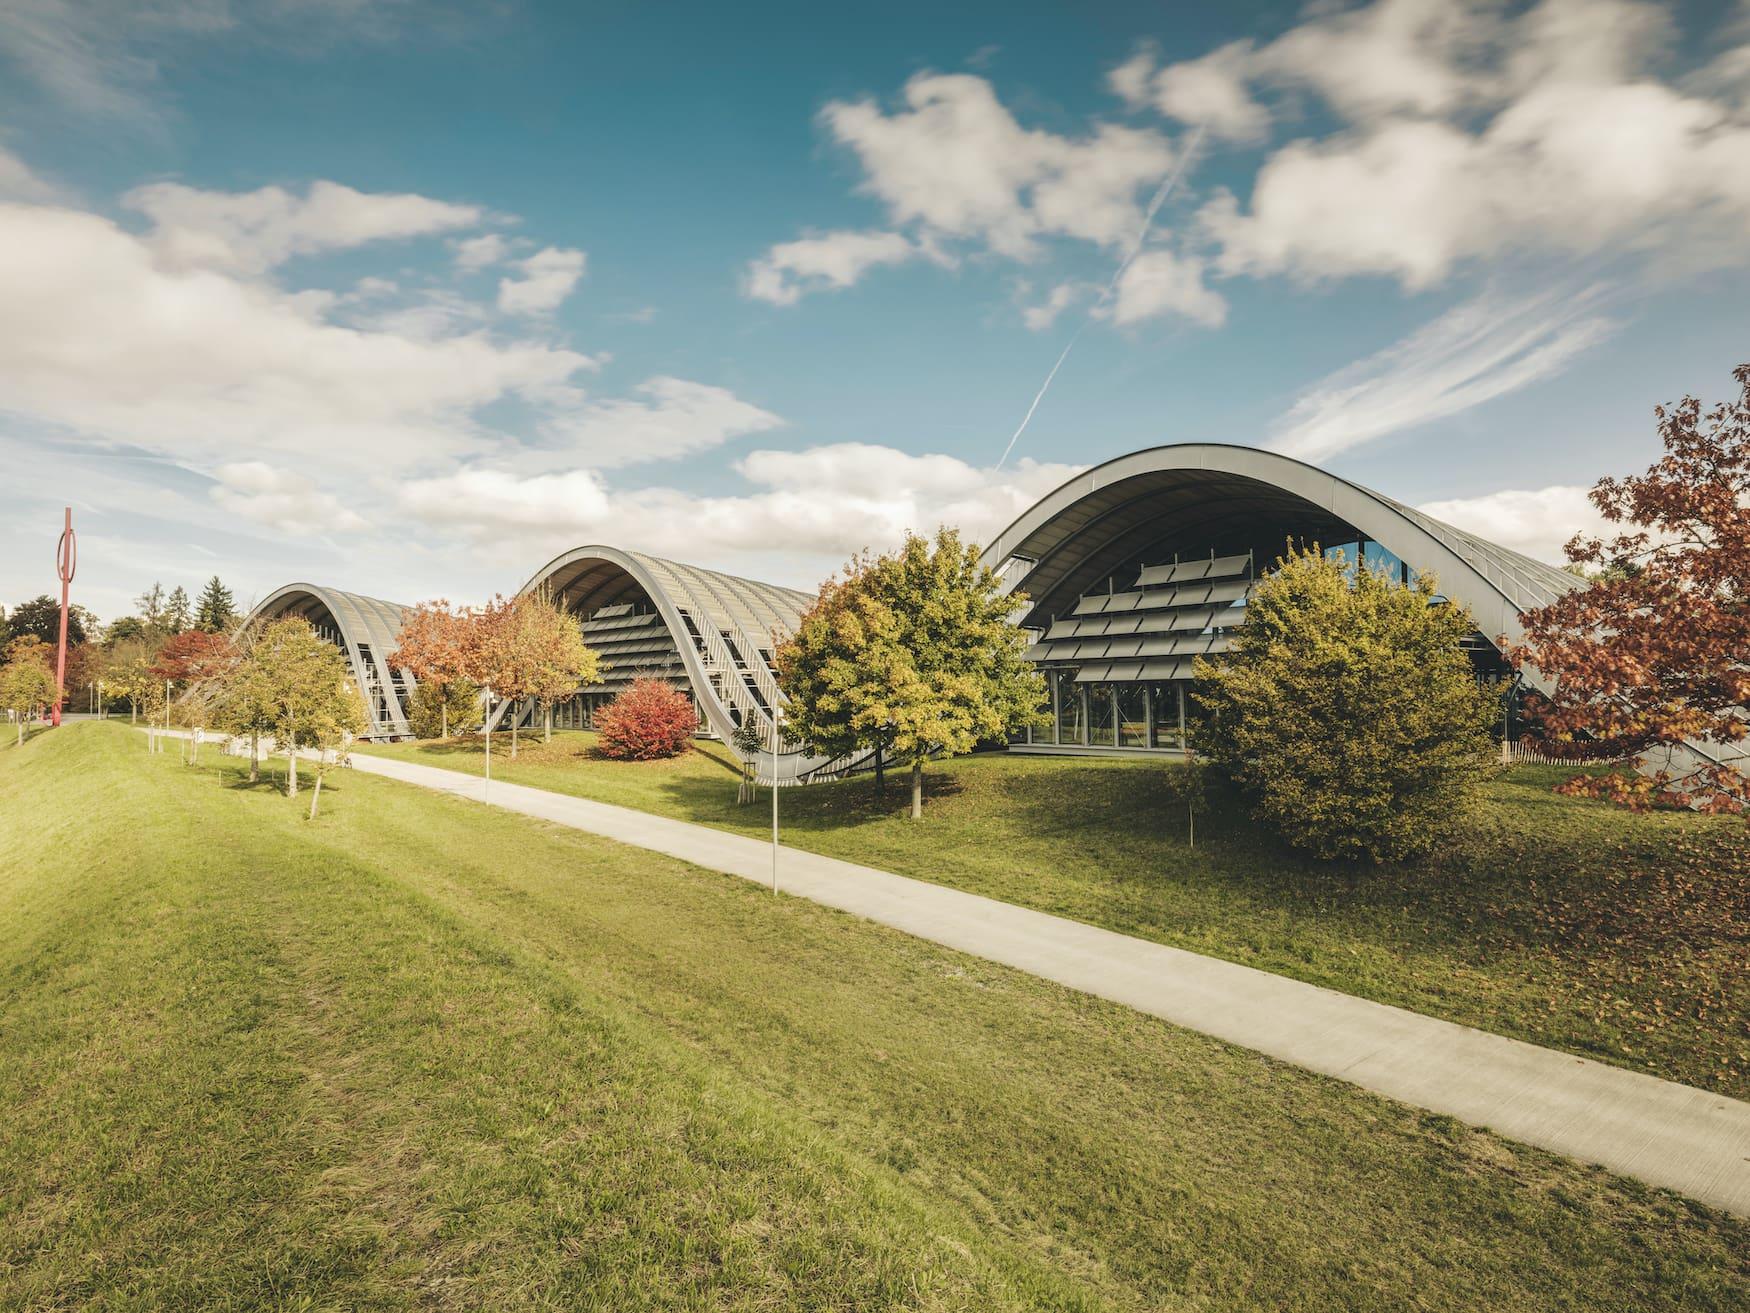 Das Zentrum Paul Klee in Bern, Schweiz